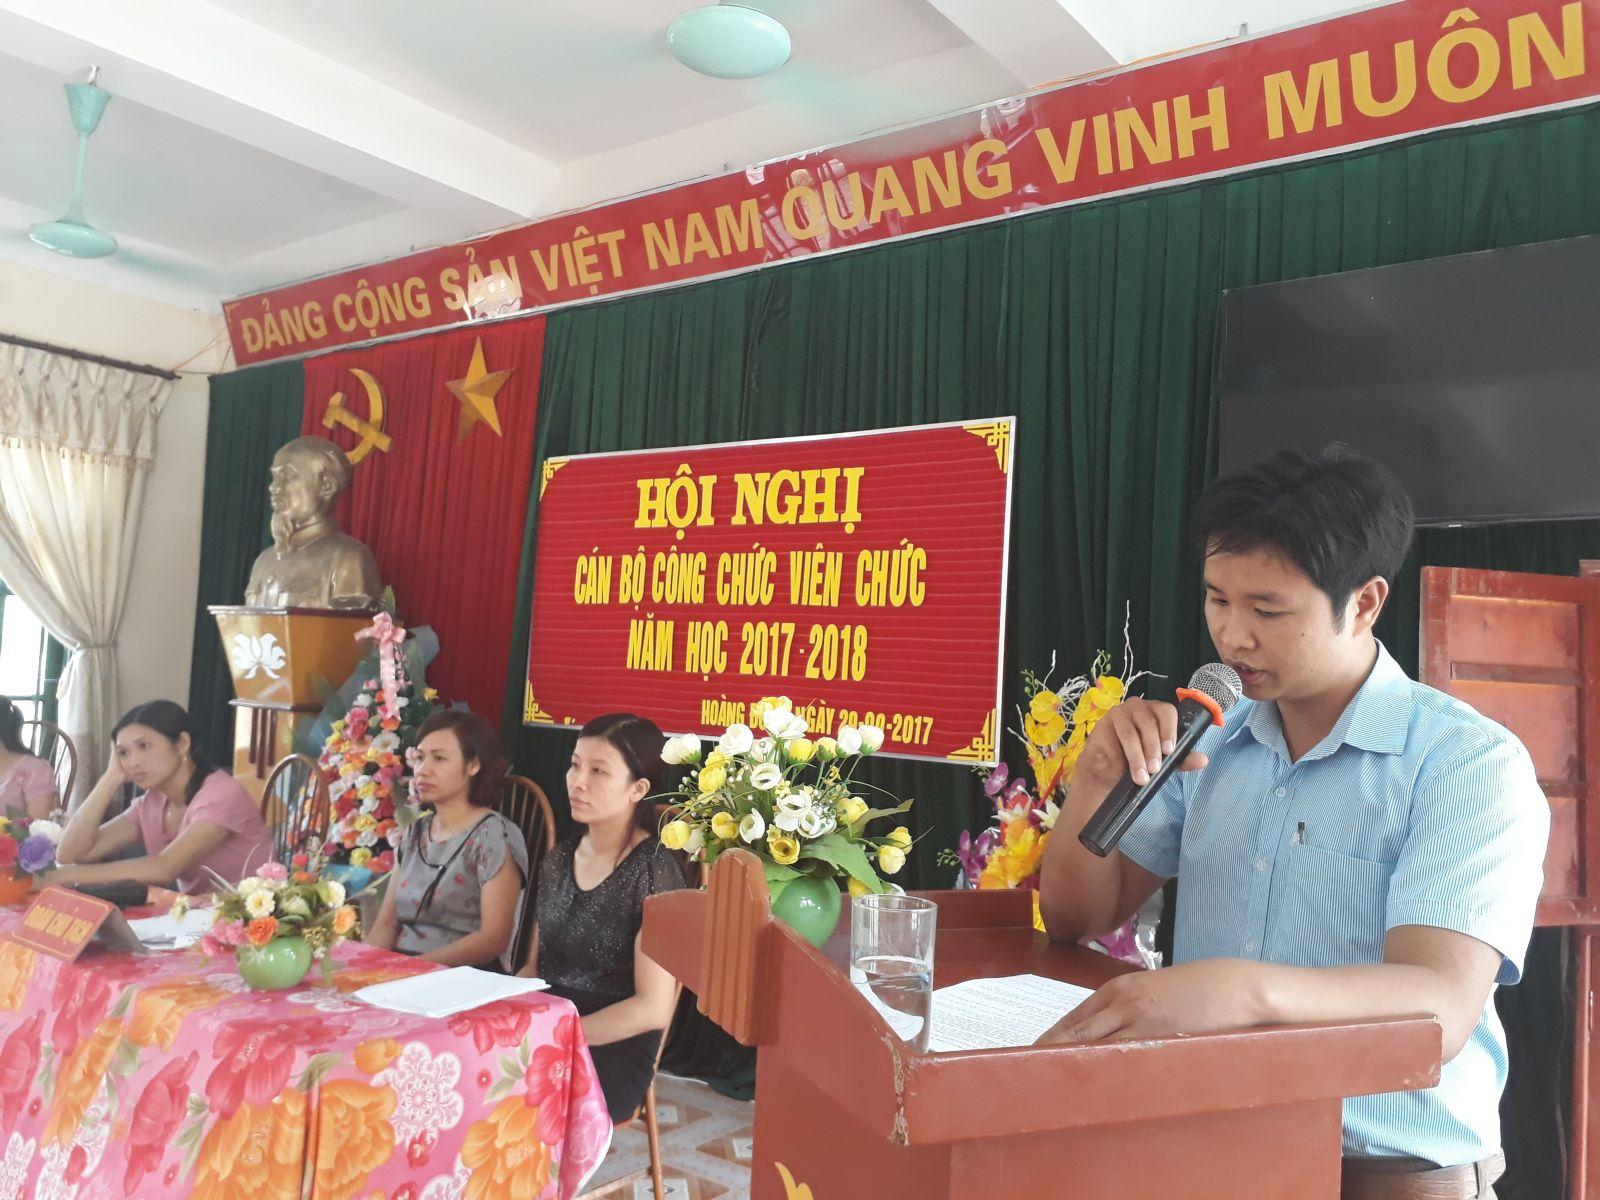 Đ/c Phùng Tân Thành - GV trường THCS Hoàng Đông